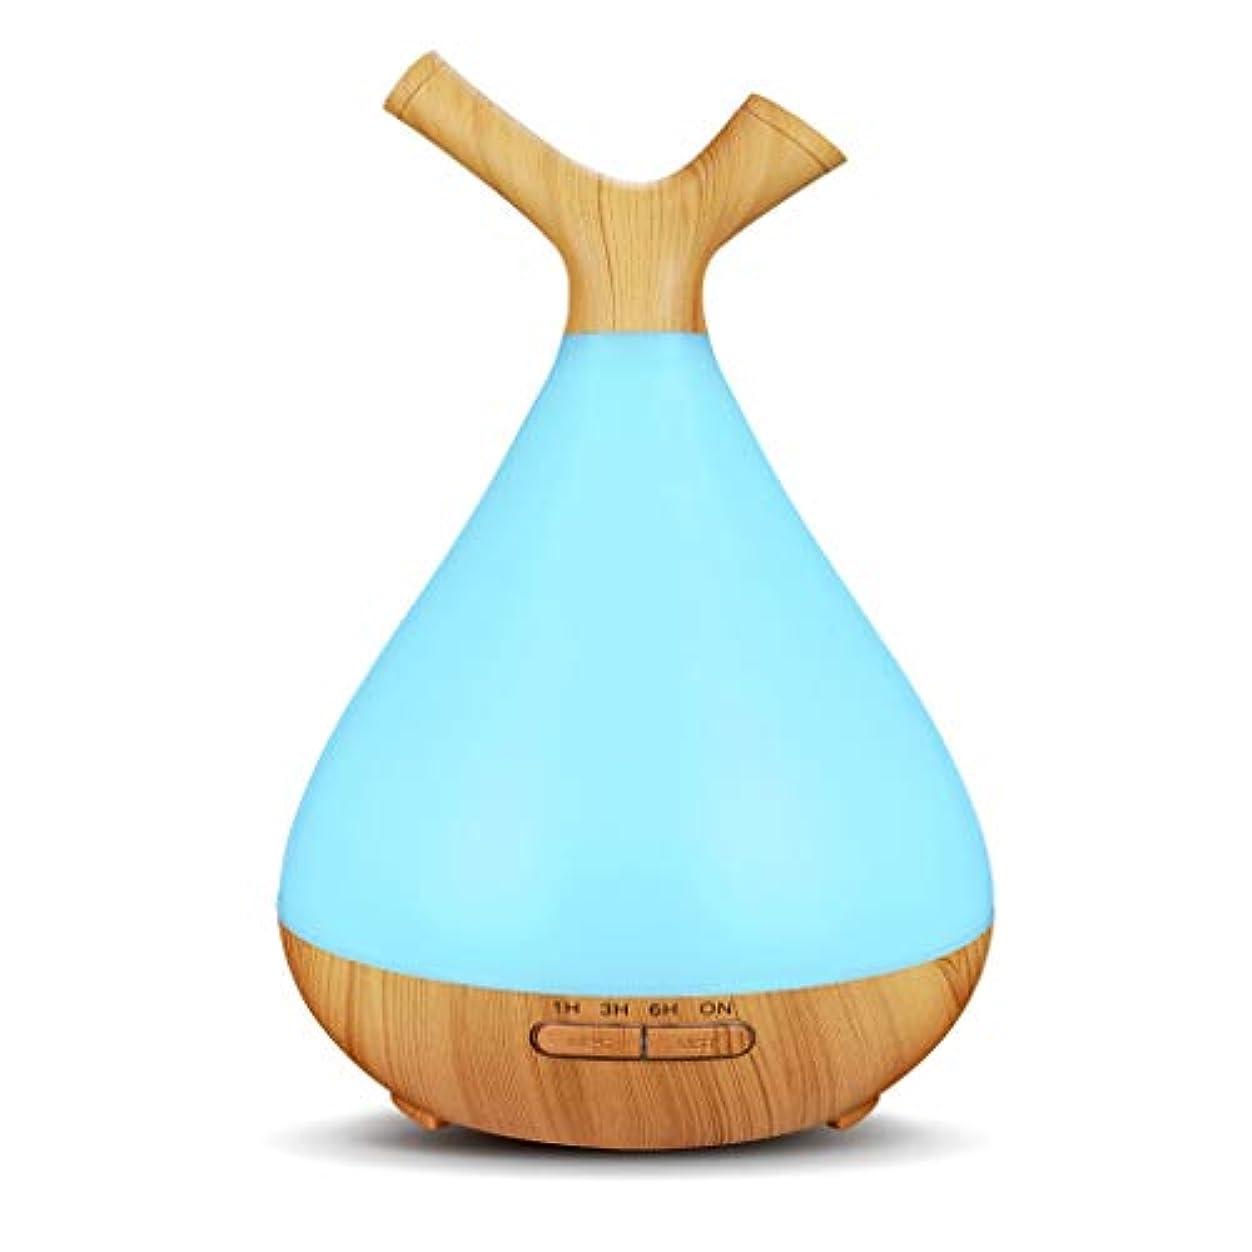 オーラル組み合わせ粒必須の拡散器の木製の穀物、居間の研究の寝室のオフィスのためのCoolClassic 400mlの木のタイプ加湿器、小さくそして絶妙な空気清浄器、 (Color : Light wood grain)